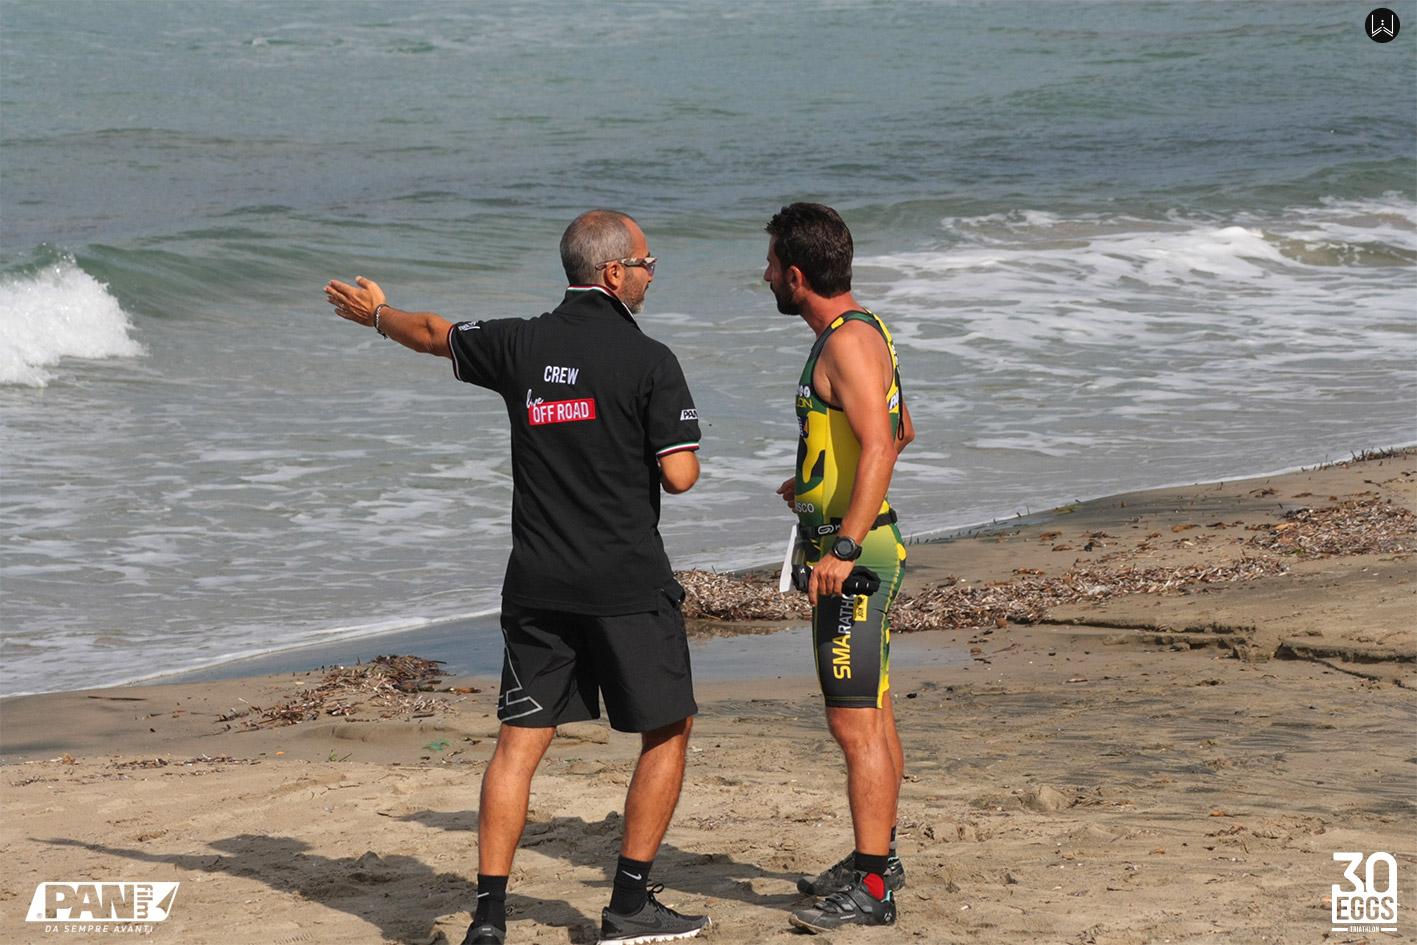 Frazione nuoto - 30EGGS Triathlon Cross Super Sprint